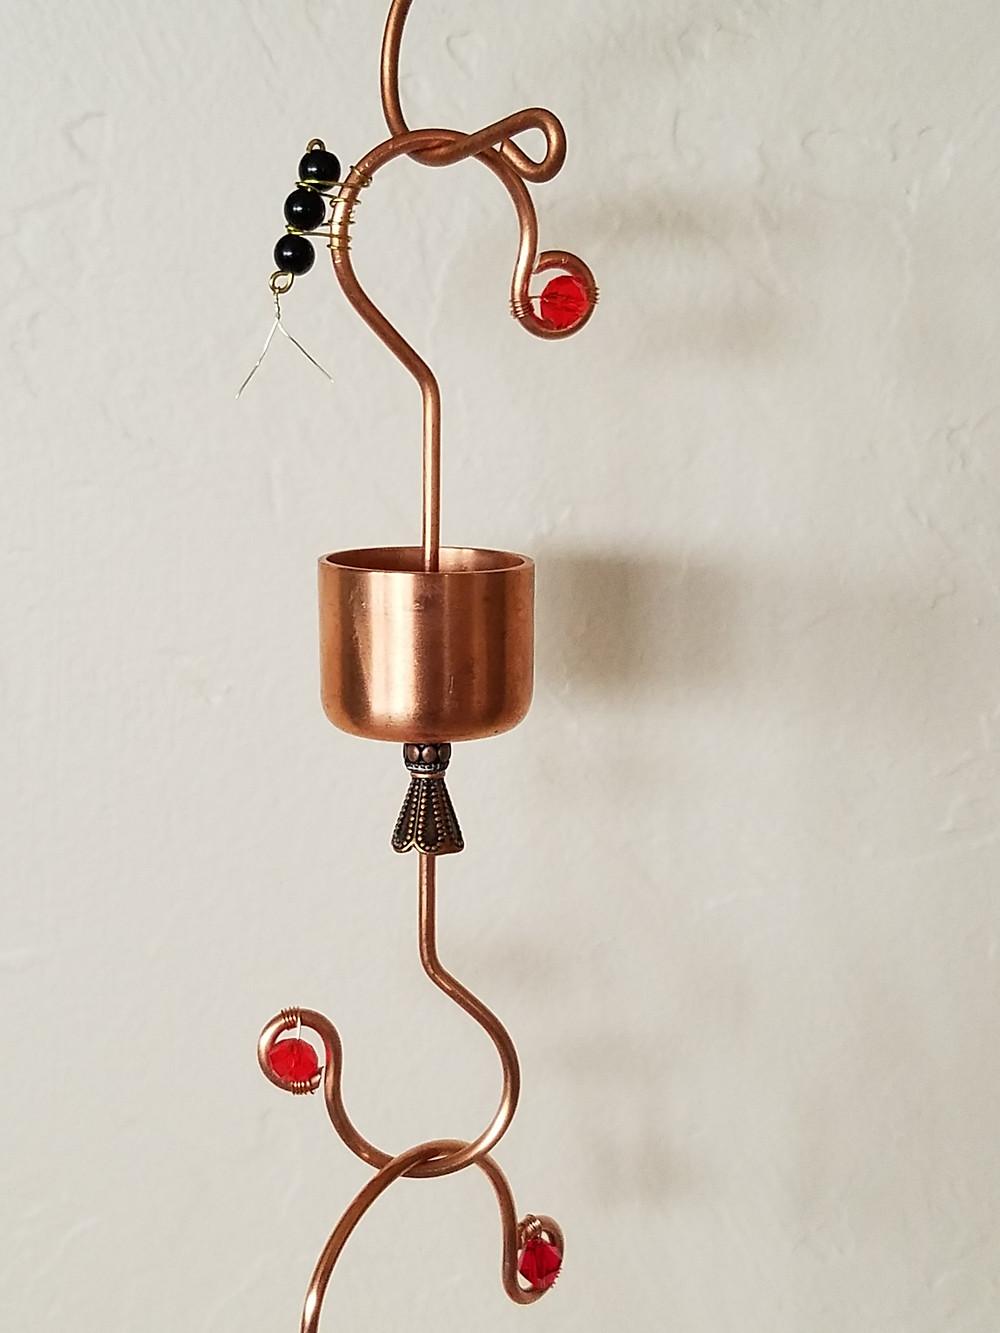 Designs by La Pinta, Etsy Shop